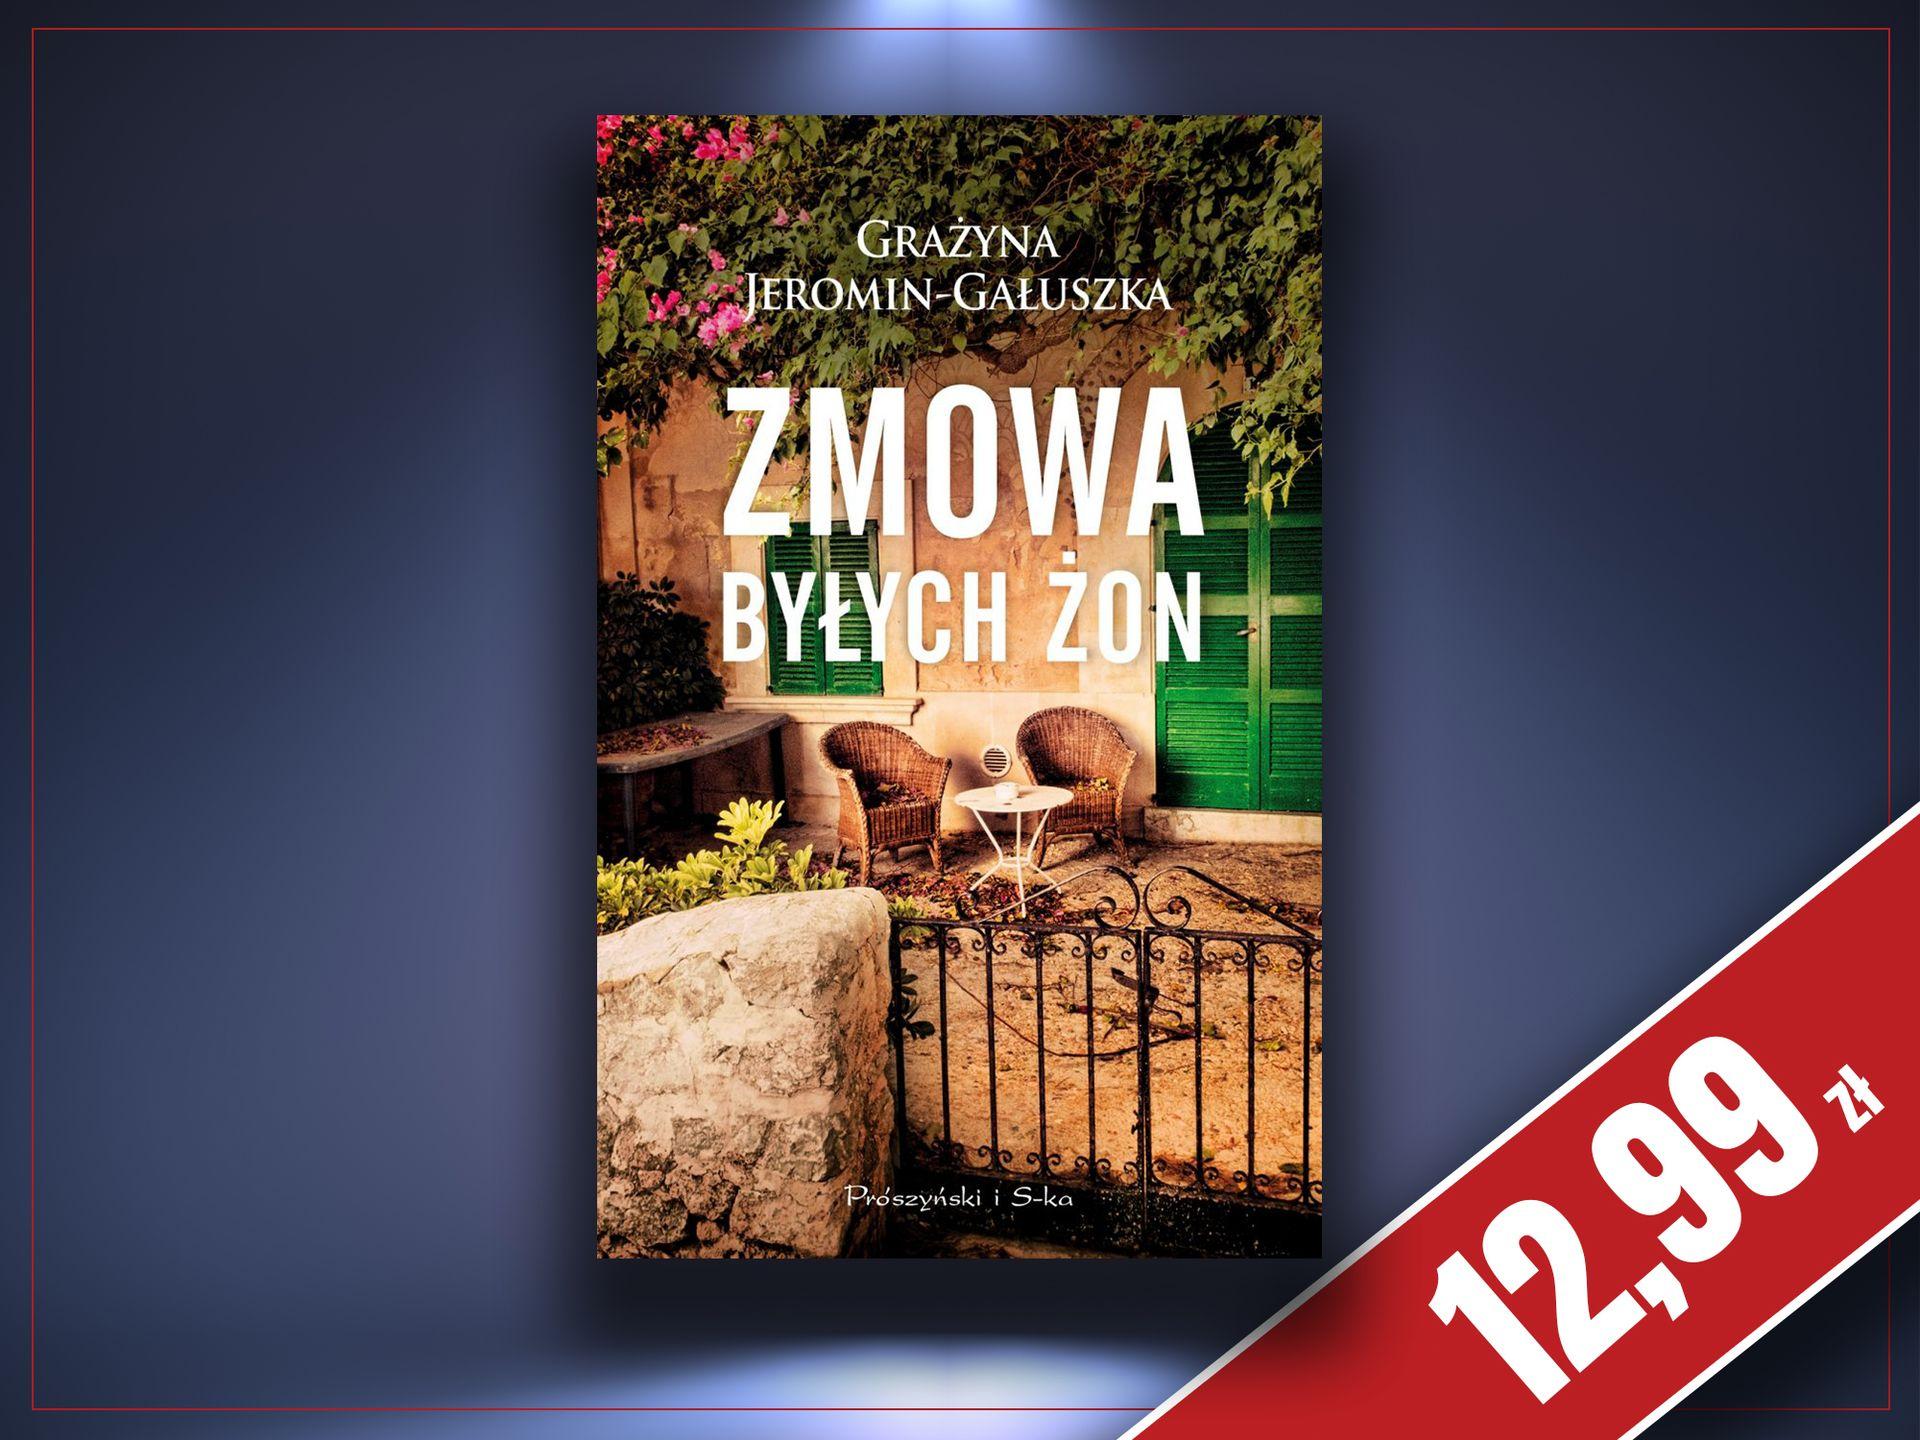 Zmowa byłych żon - Grażyna Jeromin-Gałuszka, zaczytanyksiazkoholik.pl